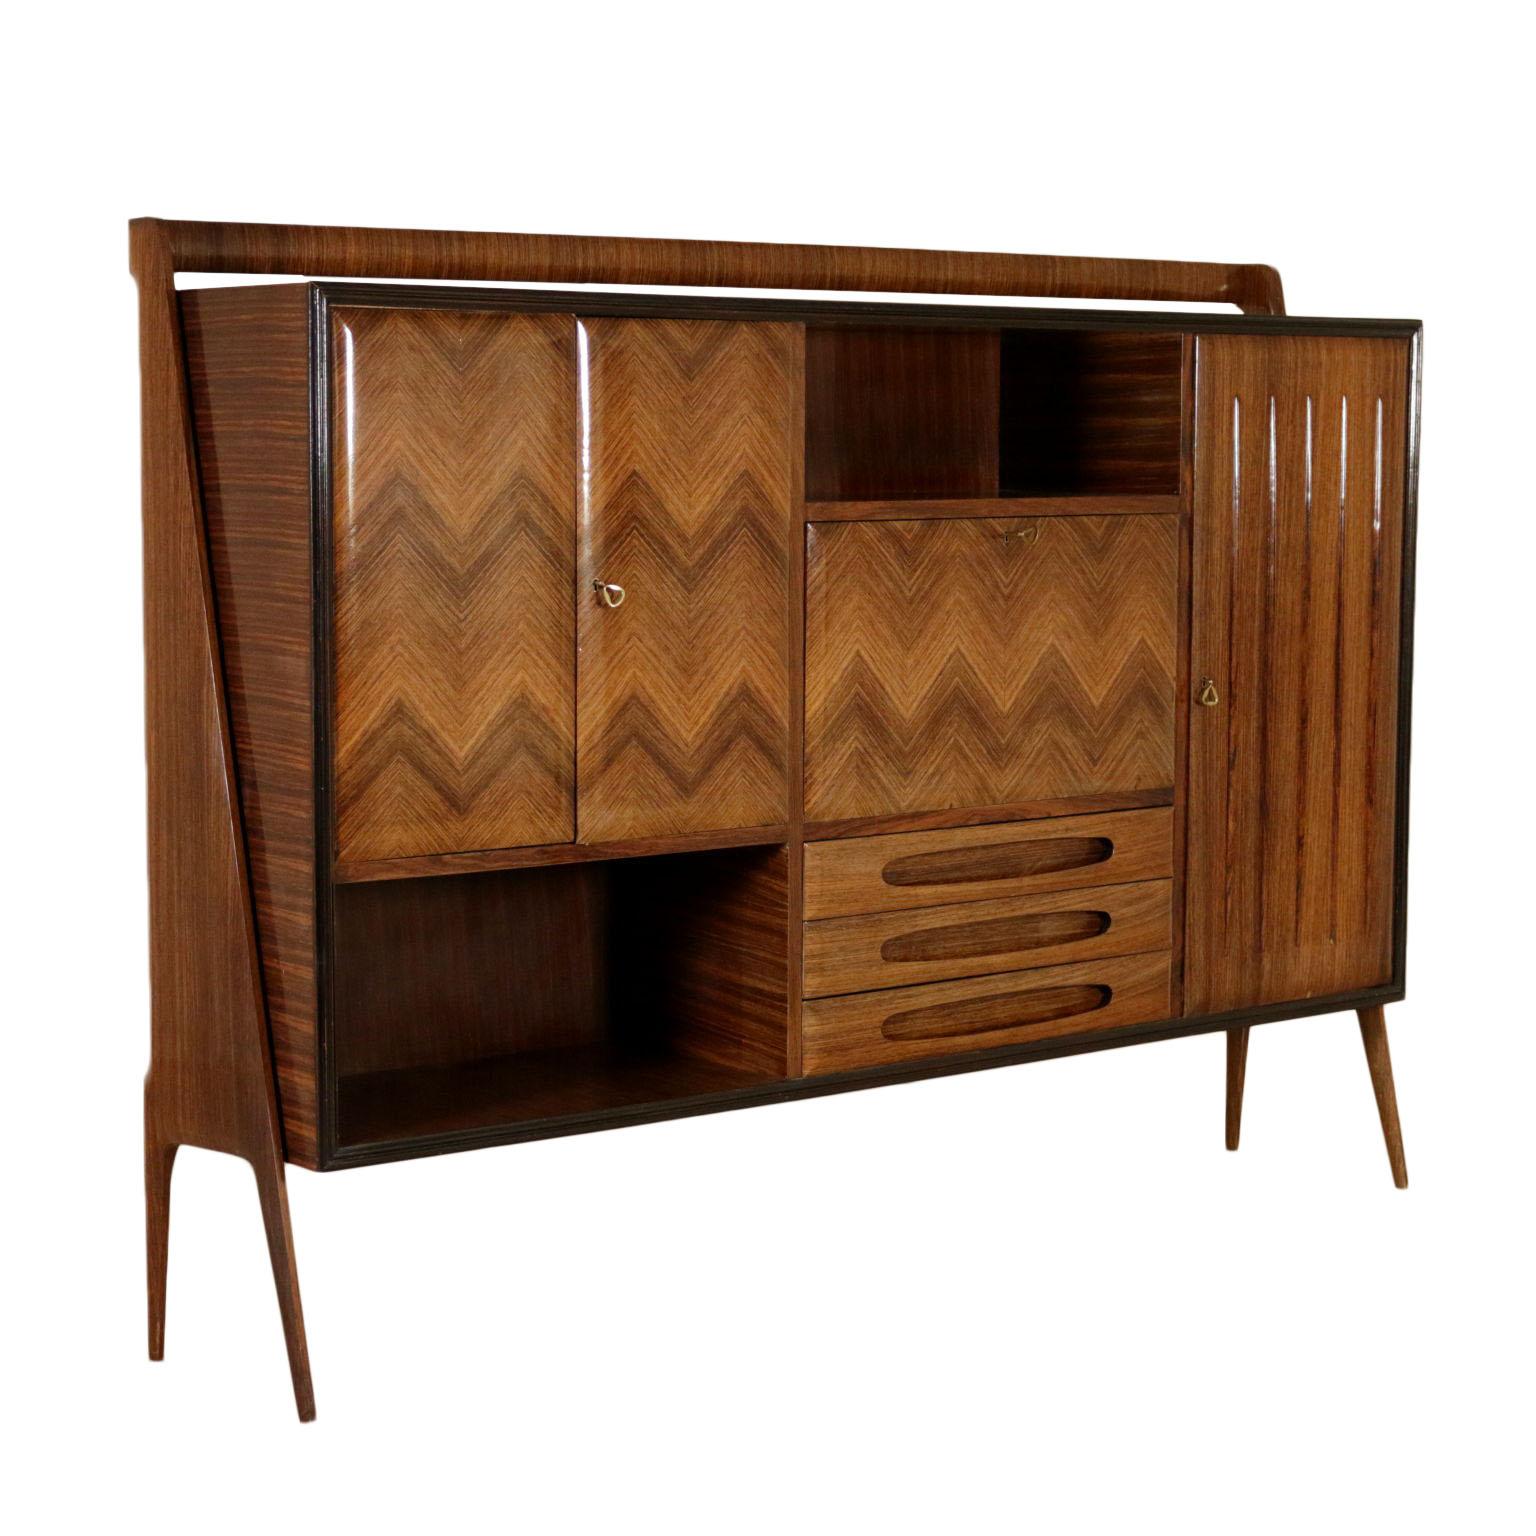 Cupboard Rosewood Veneer Vintage Italy 1950s 1960s